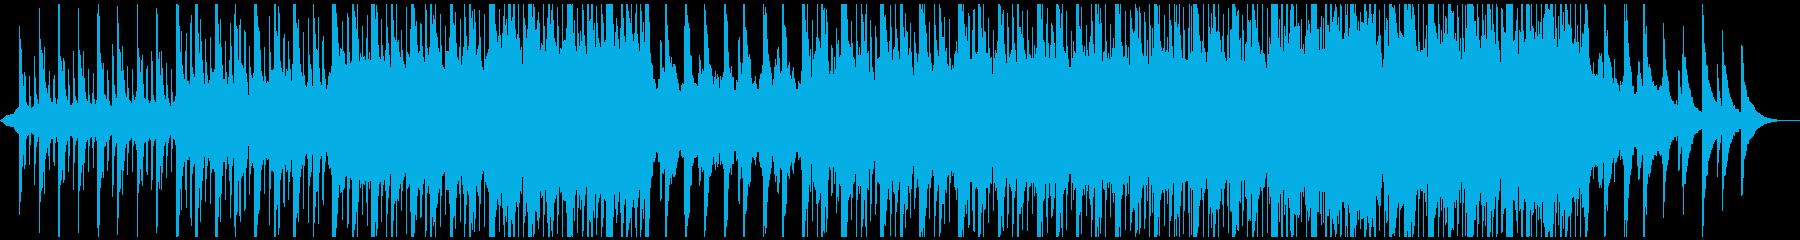 人気のある電子機器 アンビエントミ...の再生済みの波形